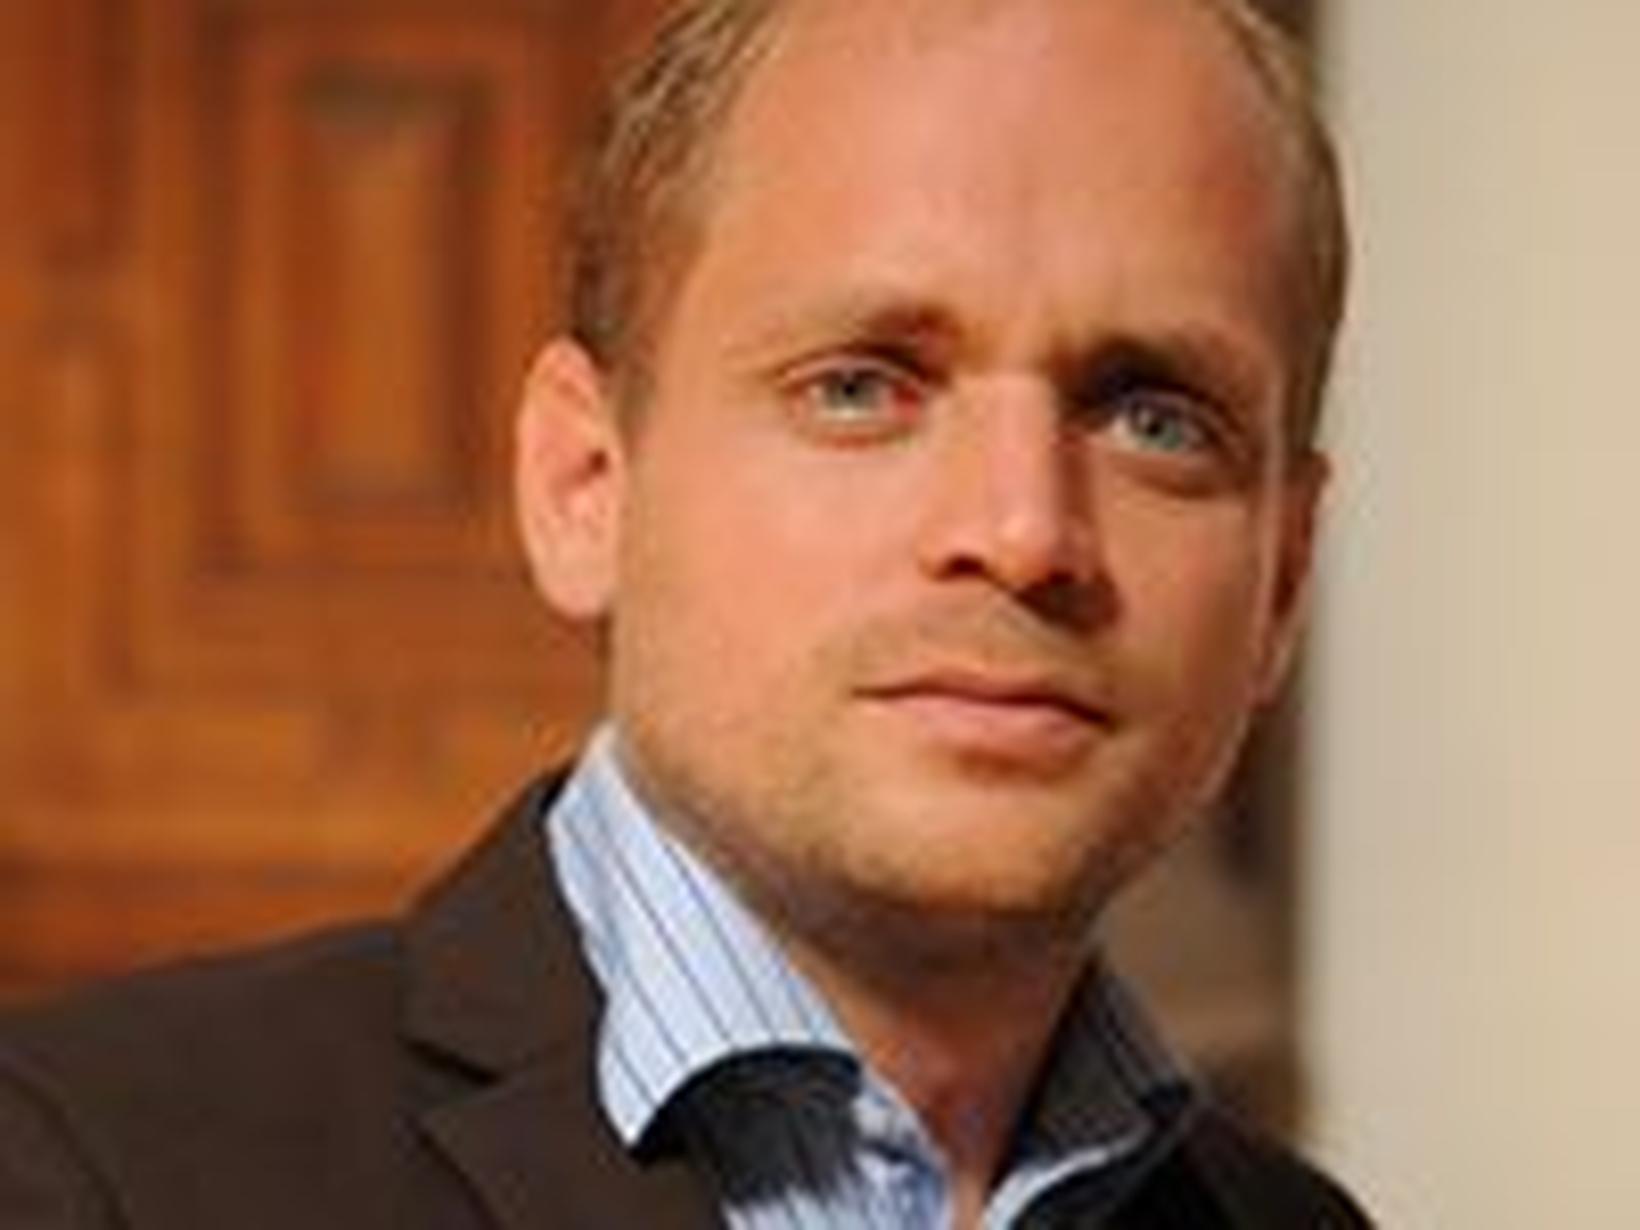 Andrew from Genève, Switzerland